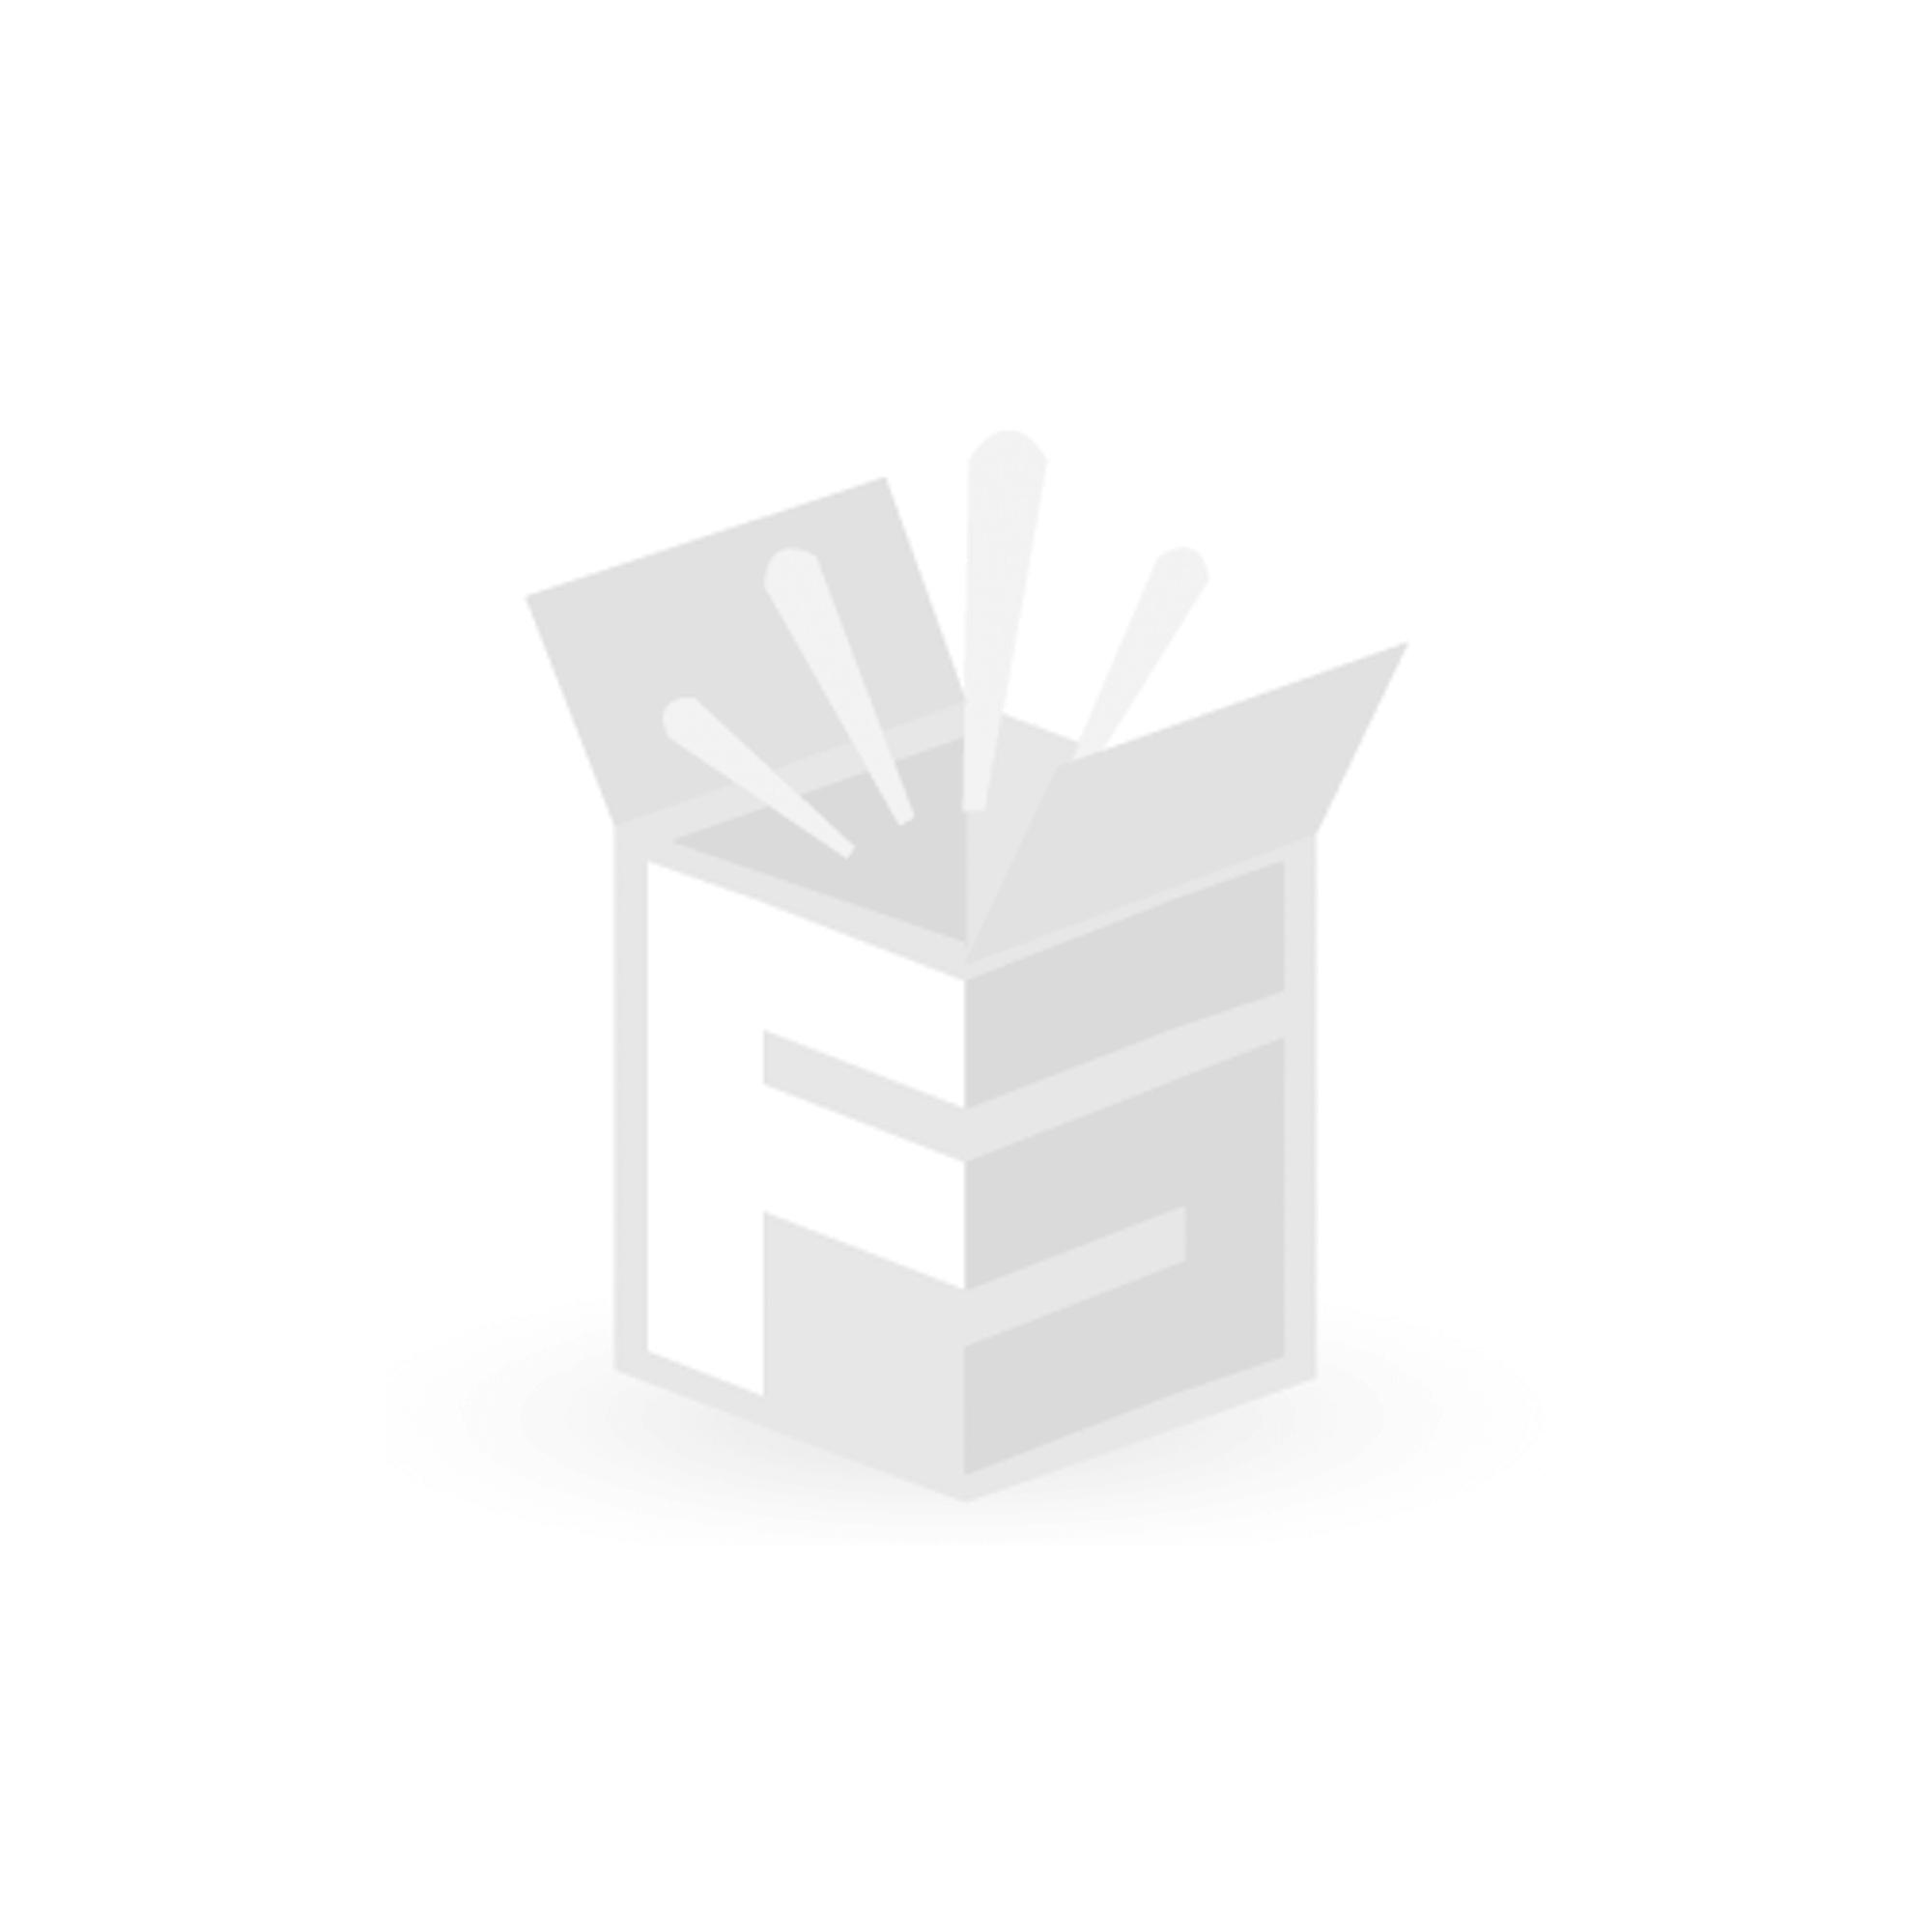 Contini höhenverstellbarer Bürotisch 1.6x0.8m Ahorn Natur / Gestell weiss